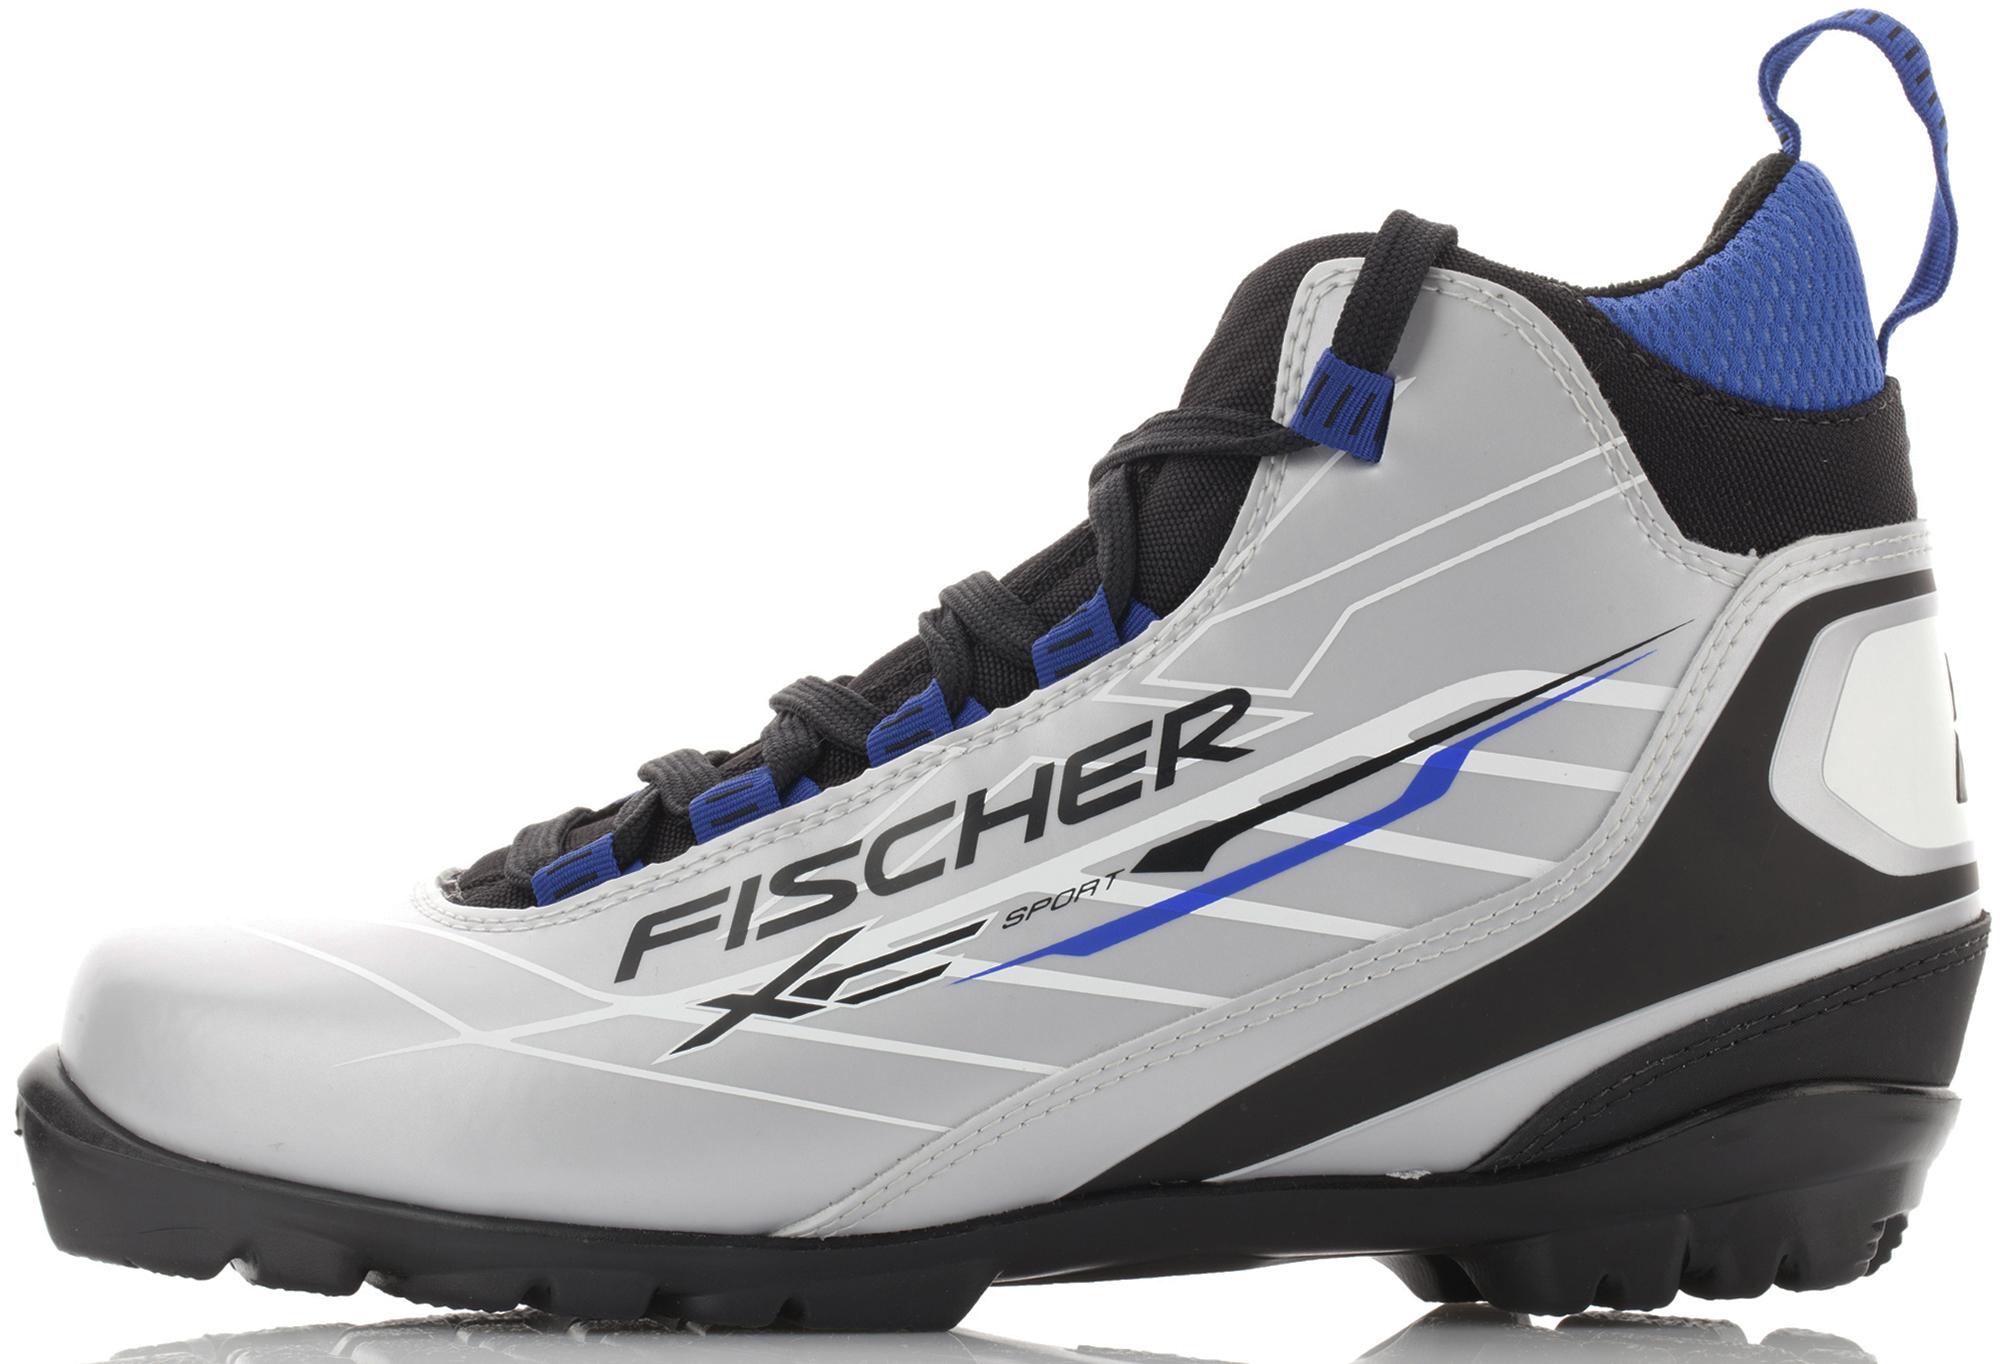 Fischer Ботинки для беговых лыж Fischer XС Sport Royal цены